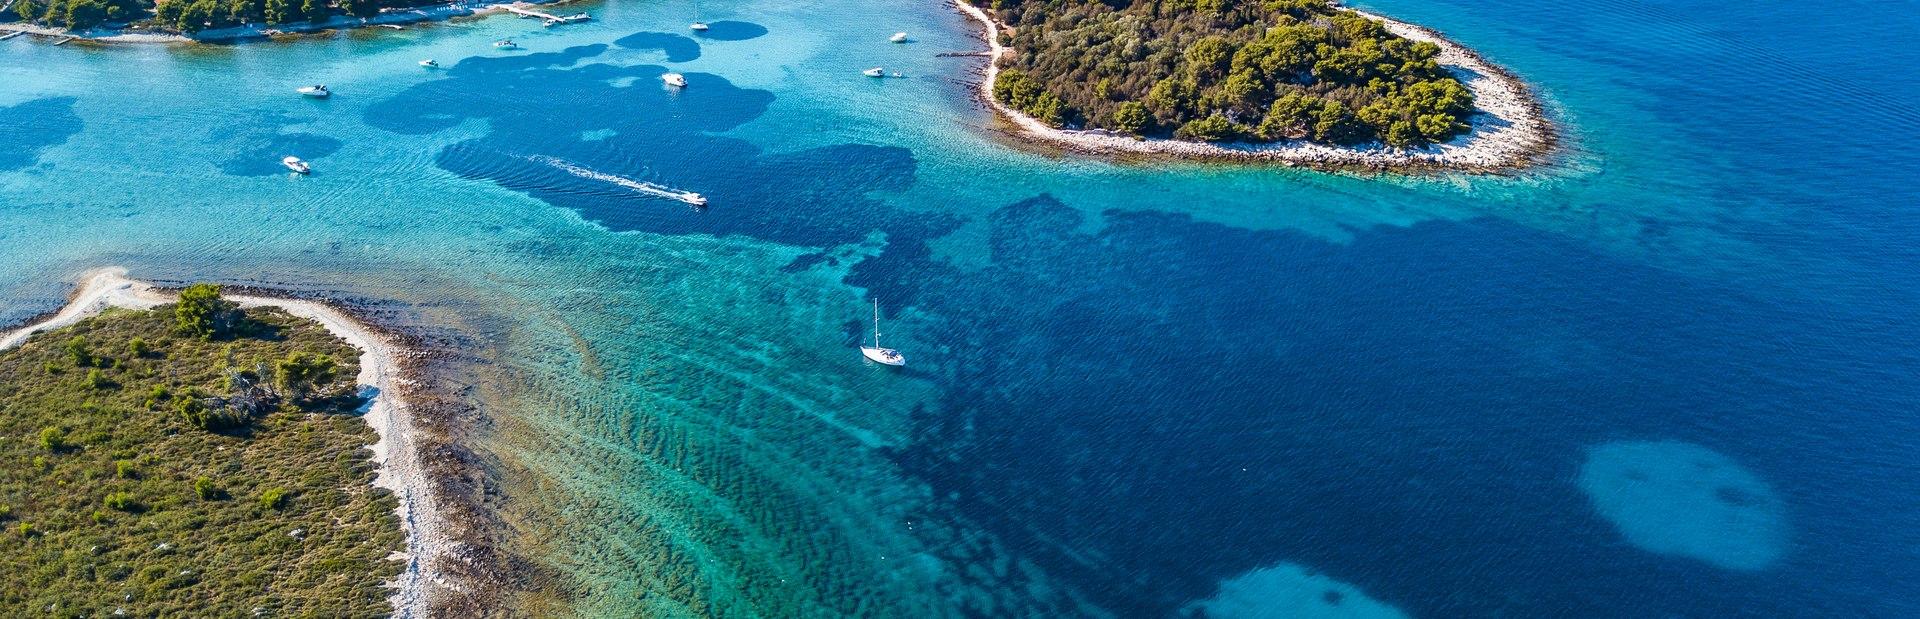 Krknjaši (Blue Lagoon) Image 1